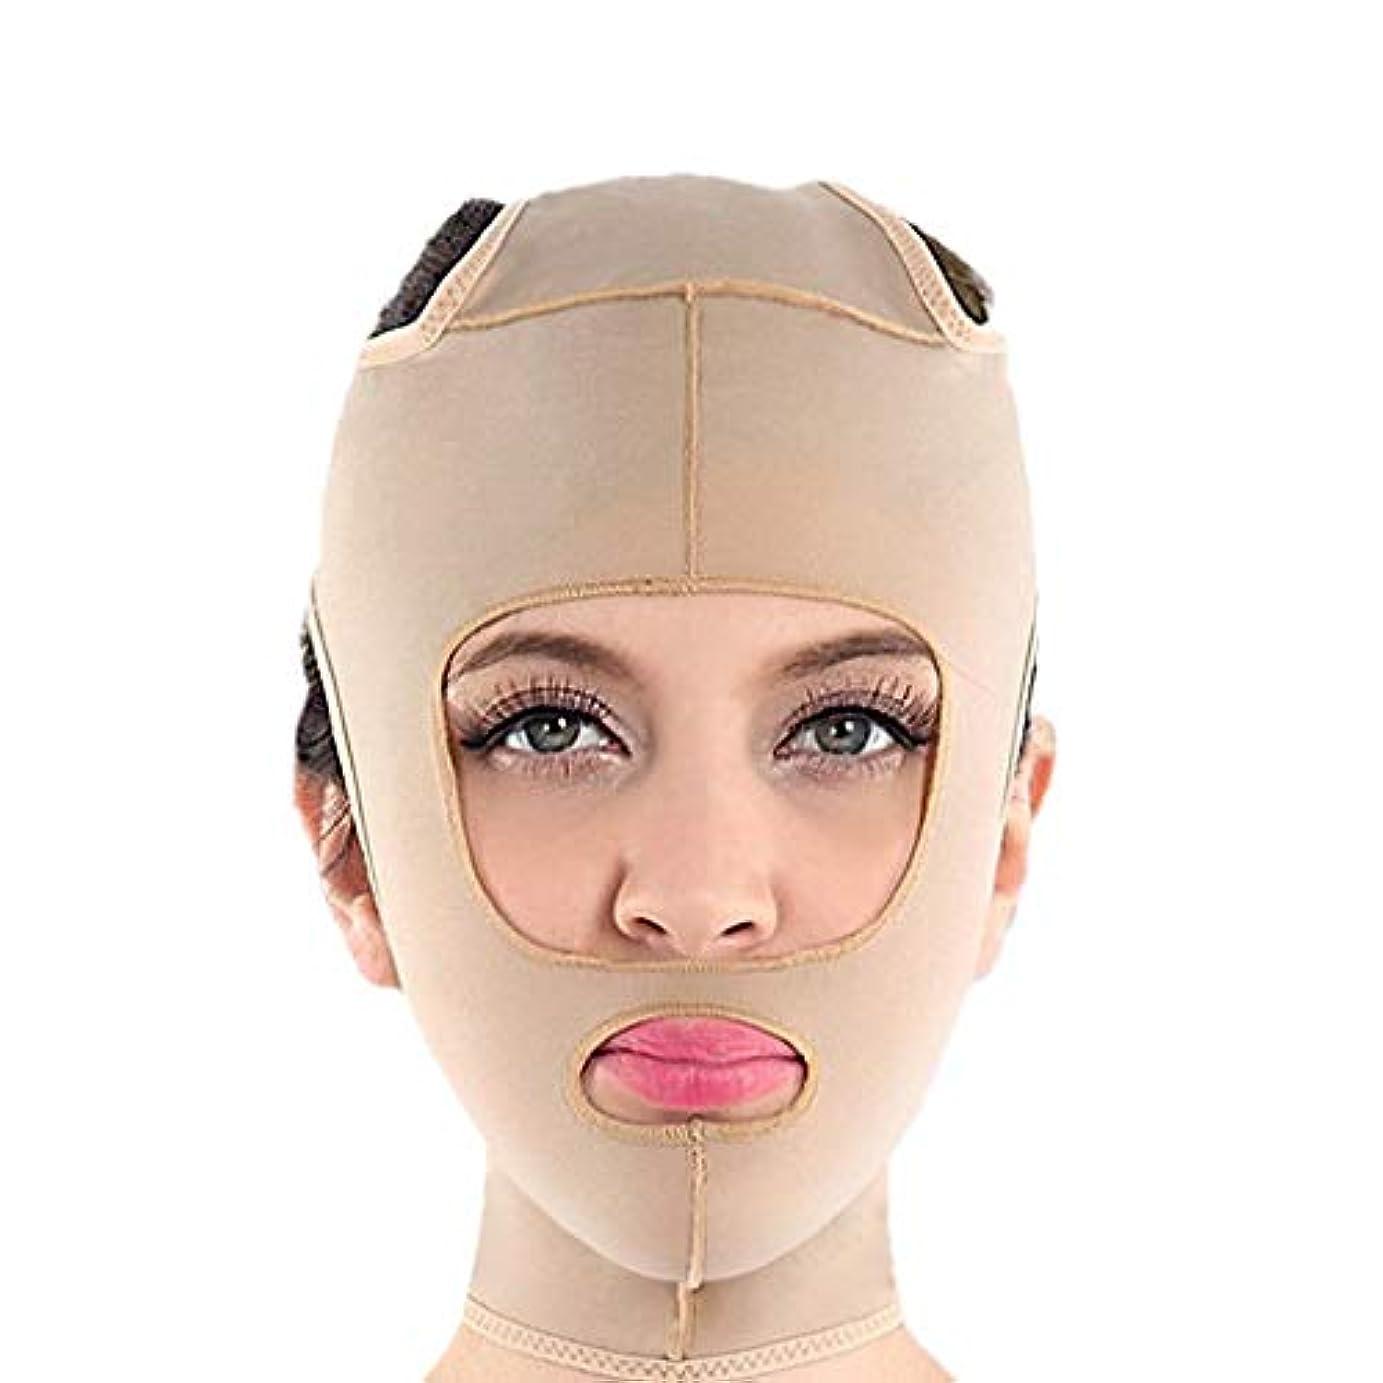 初期のながら匹敵しますフェイスリフティング、ダブルチンストラップ、フェイシャル減量マスク、ダブルチンを減らすリフティングヌードル、ファーミングフェイス、パワフルリフティングマスク(サイズ:M),ザ?